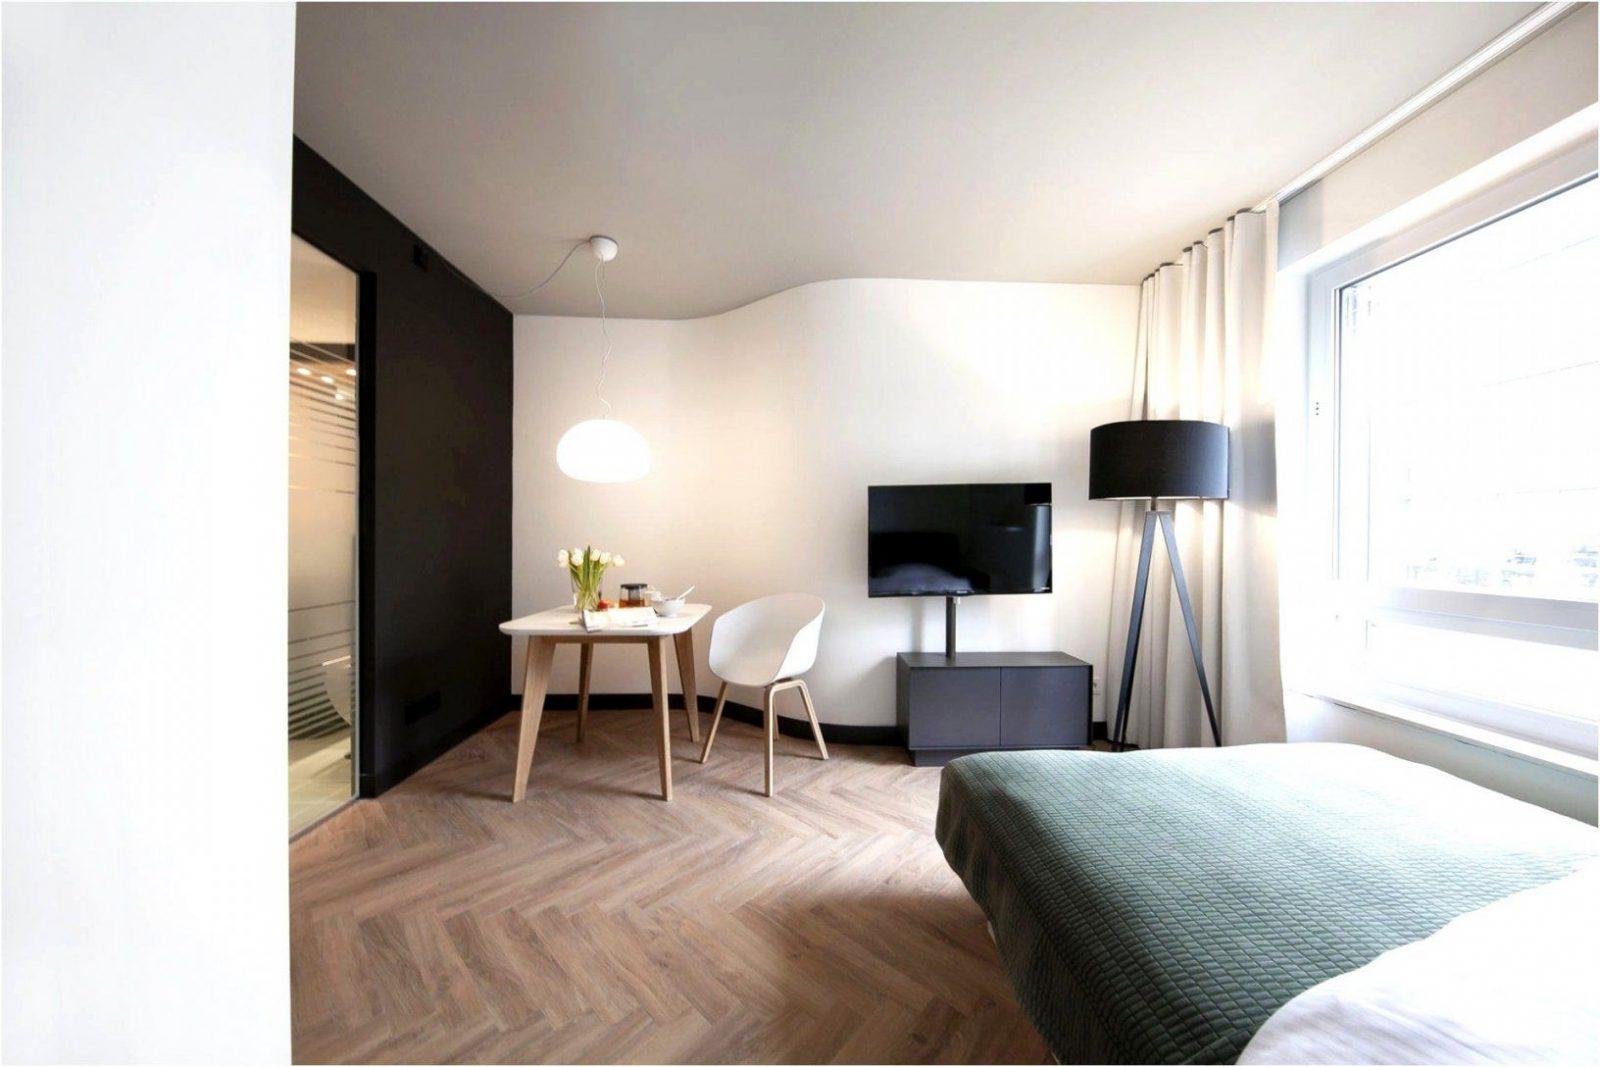 26 Finest Bild Betreffend Wohnung Mieten Ohne Provision  Beste von Wohnung Mieten Ohne Provision Bild